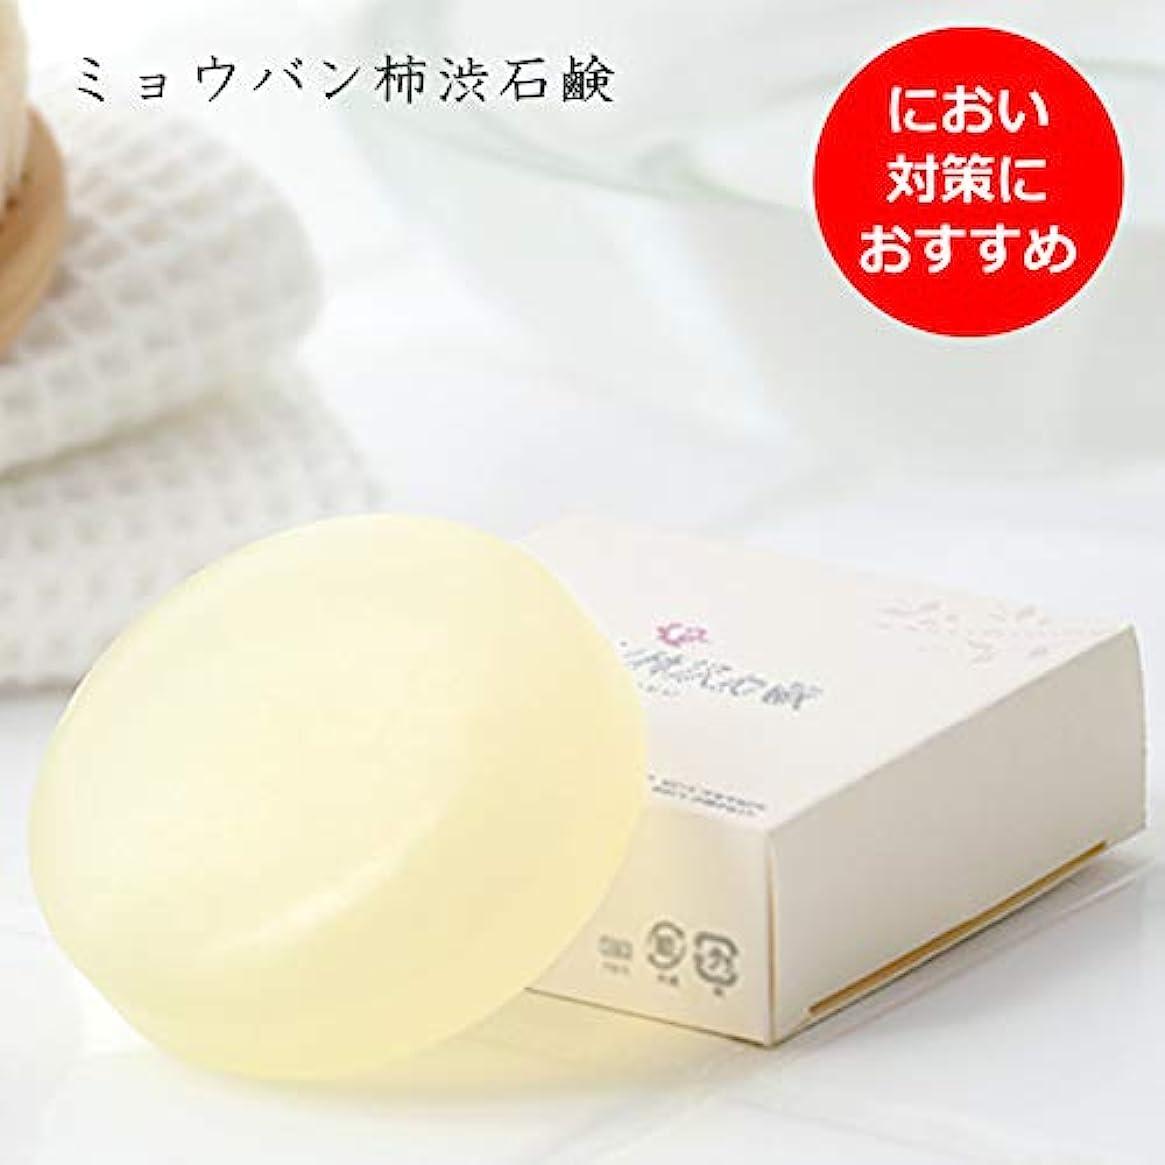 サイクロプス障害作業【単品】ミョウバン柿渋石鹸(ナチュラルクリアソープ) (01個)